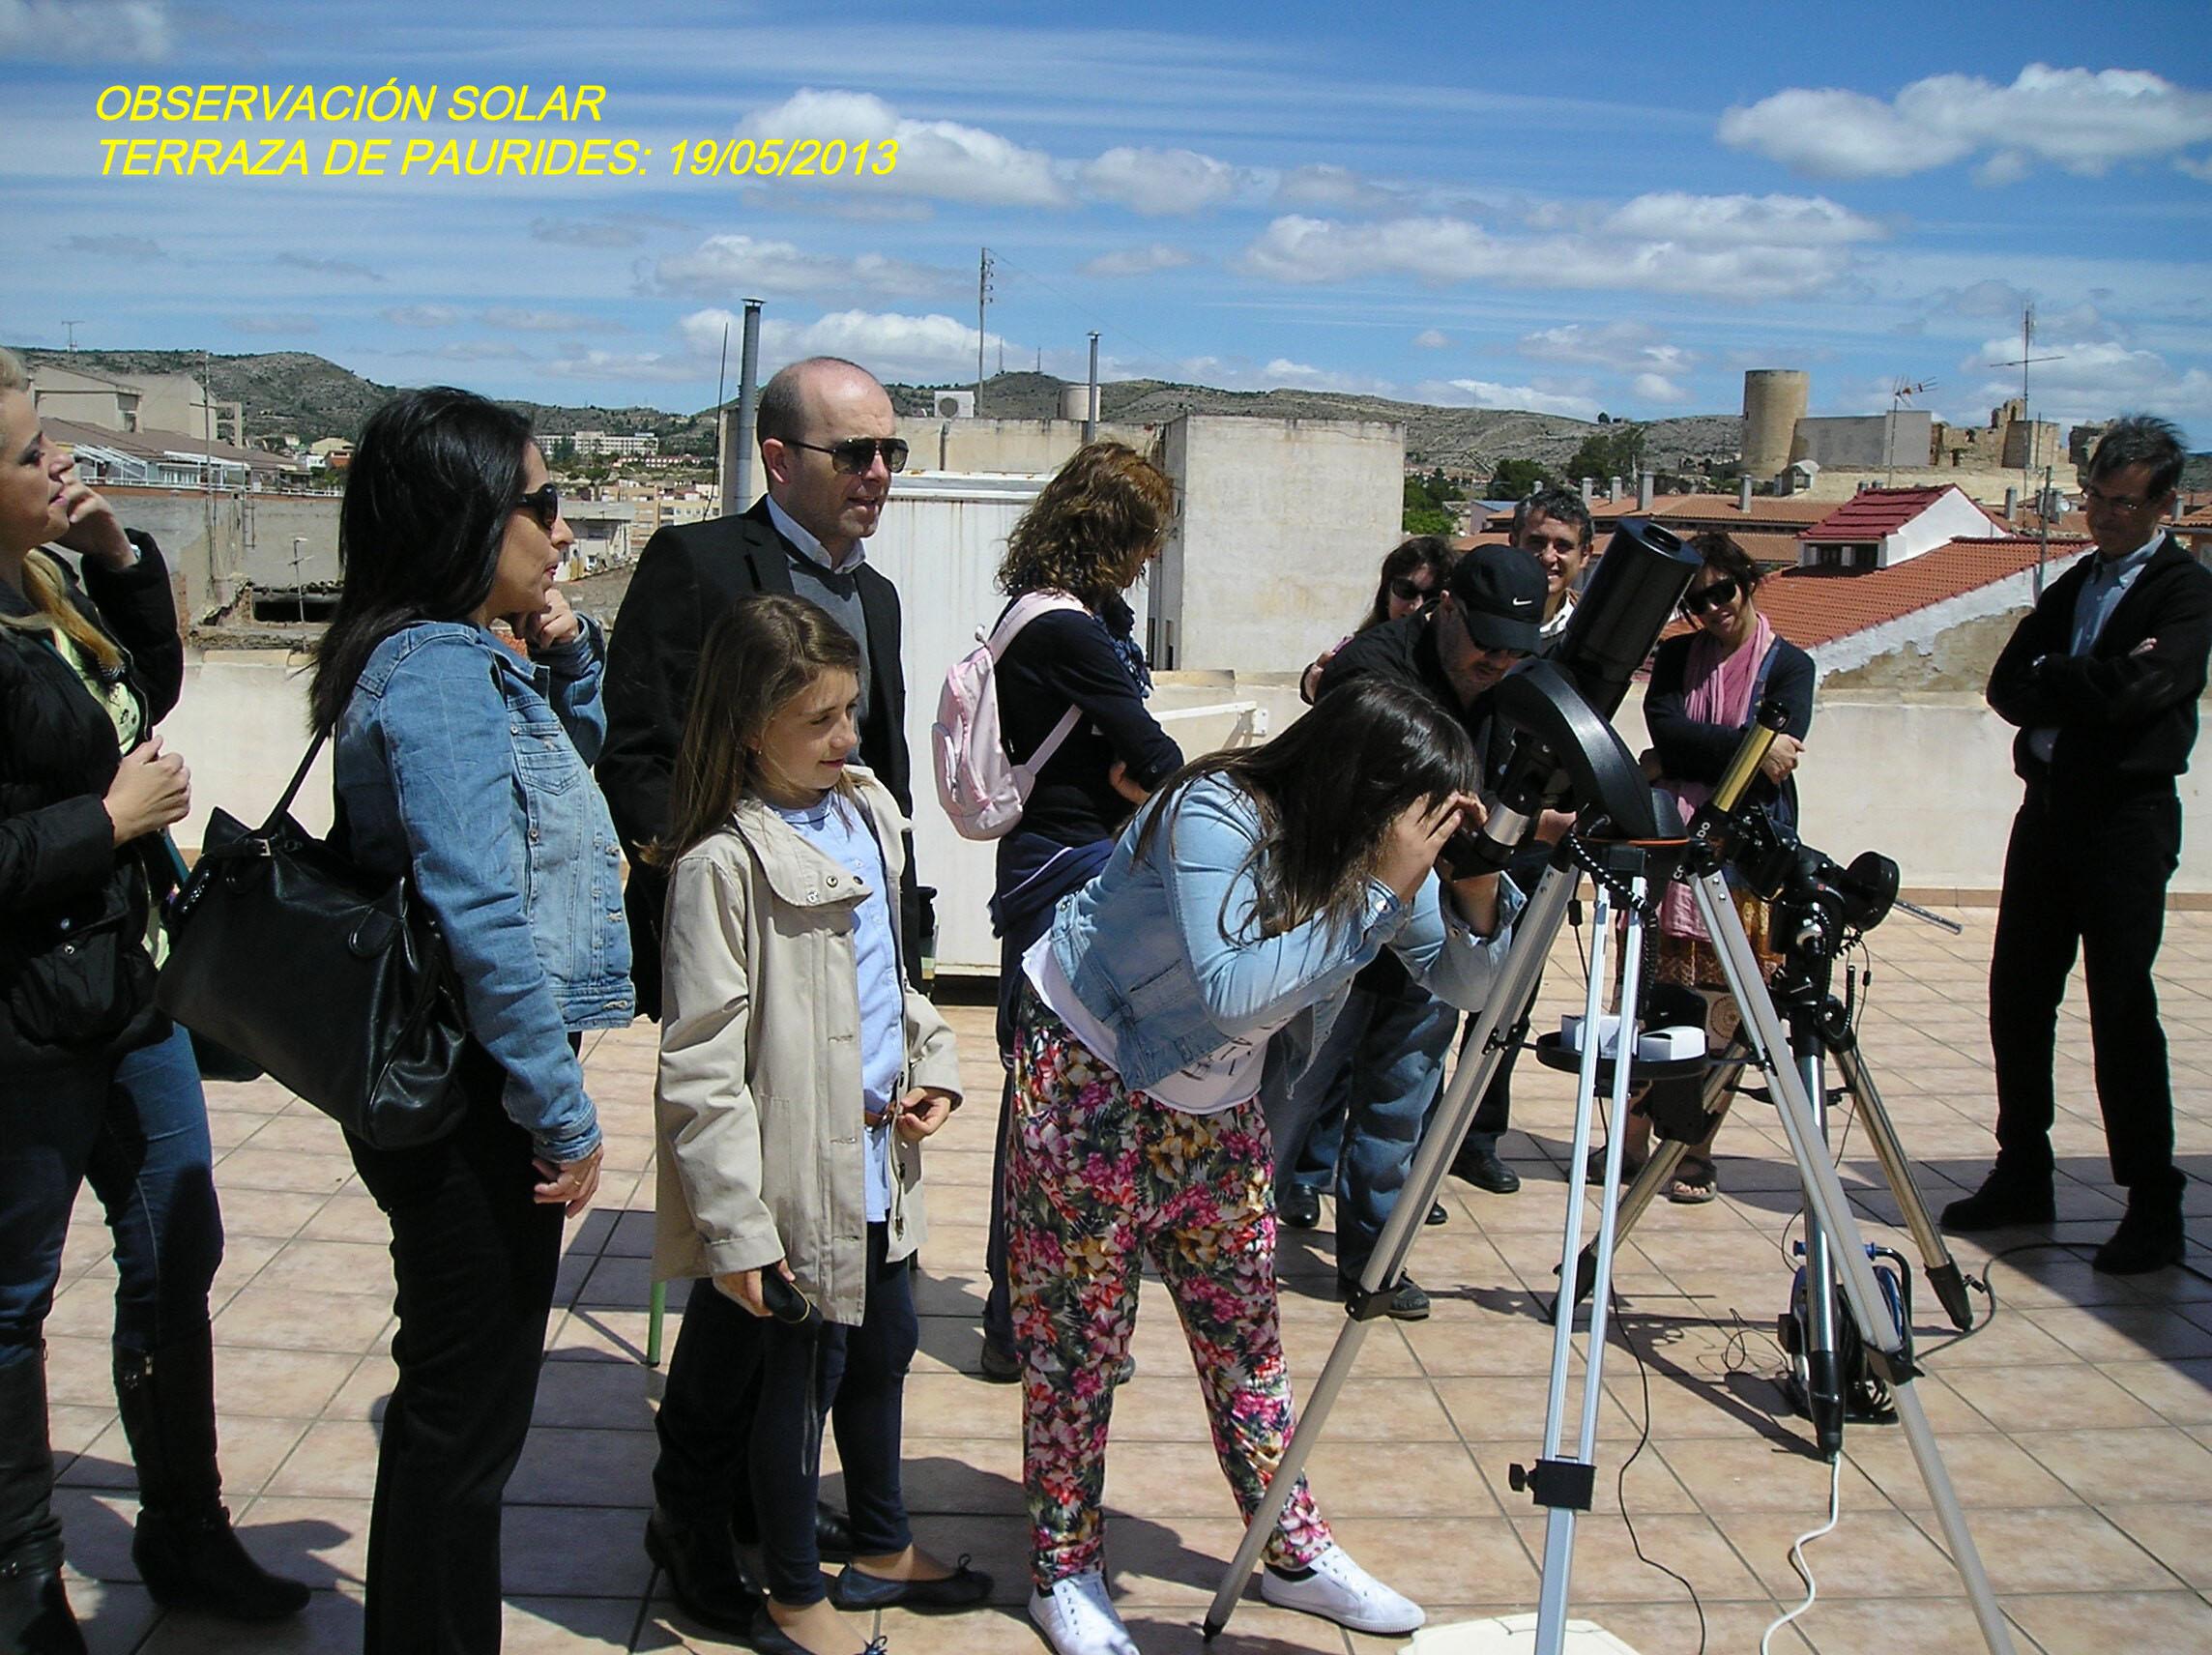 Observación Solar en la terraza de Paurides